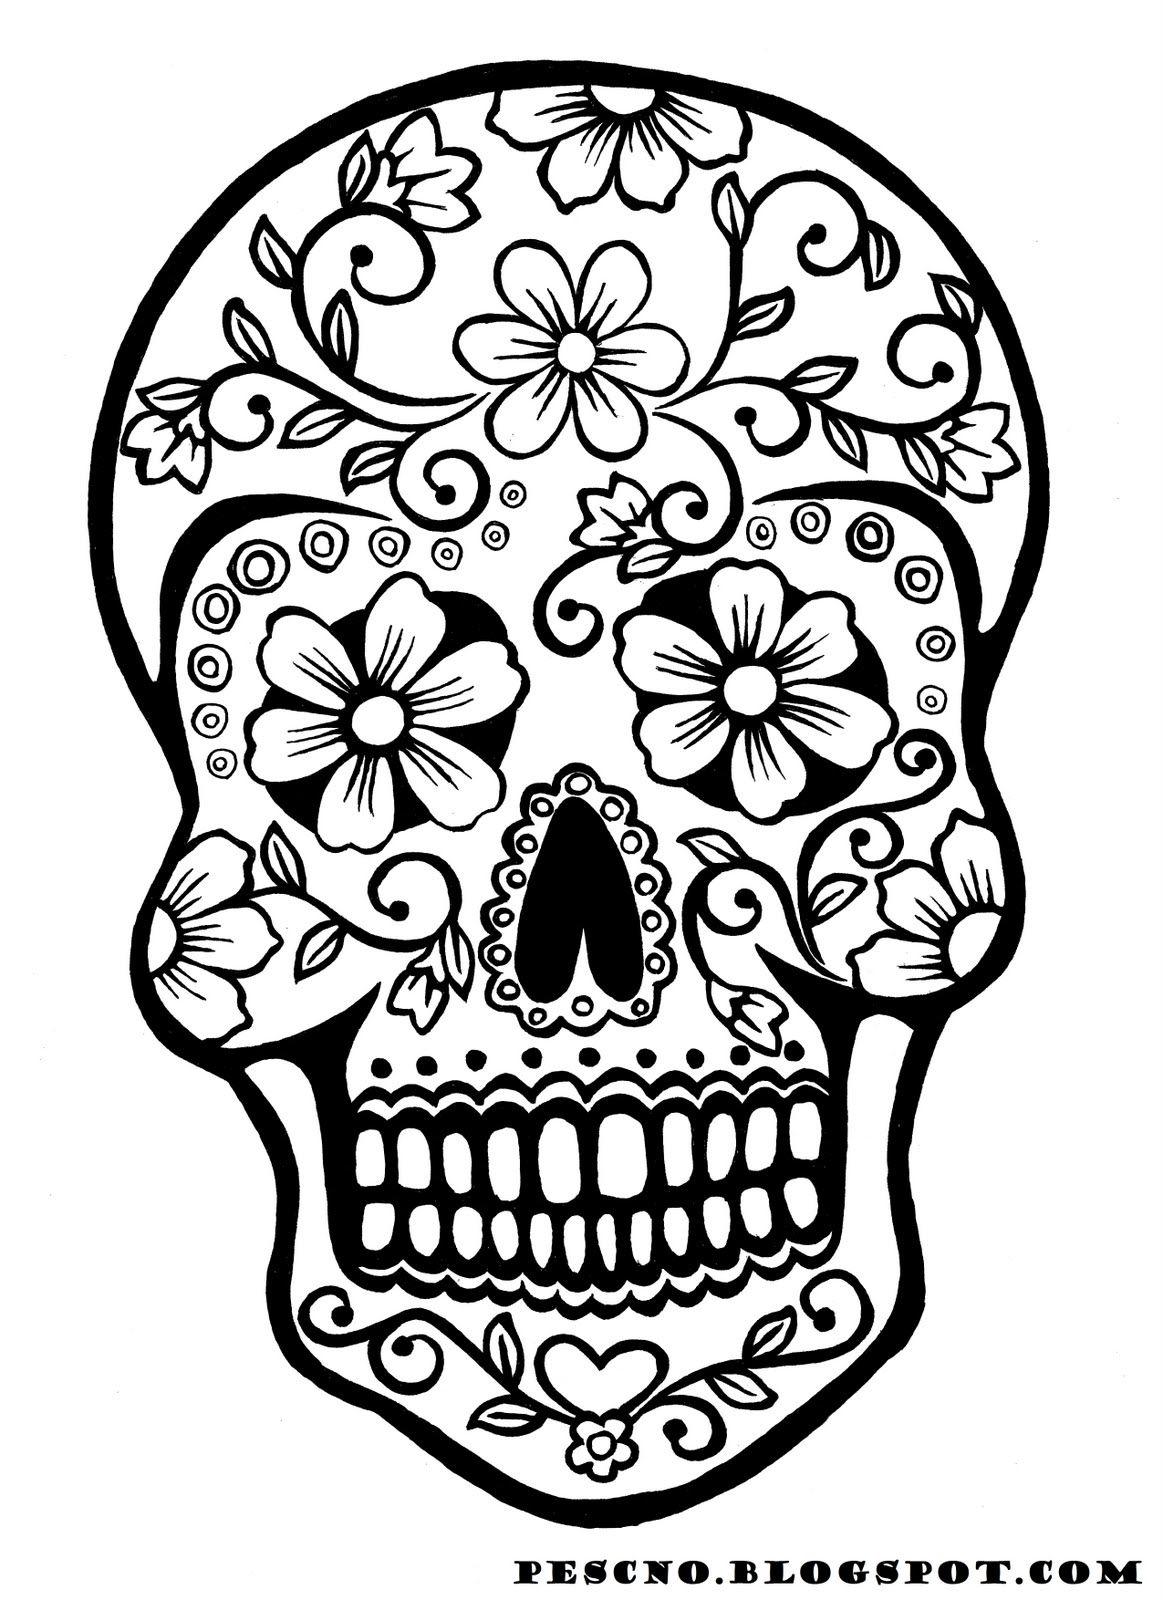 1163x1600 Sugar Skull Coloring Pages Tryk Billedet For En Stor Udgave